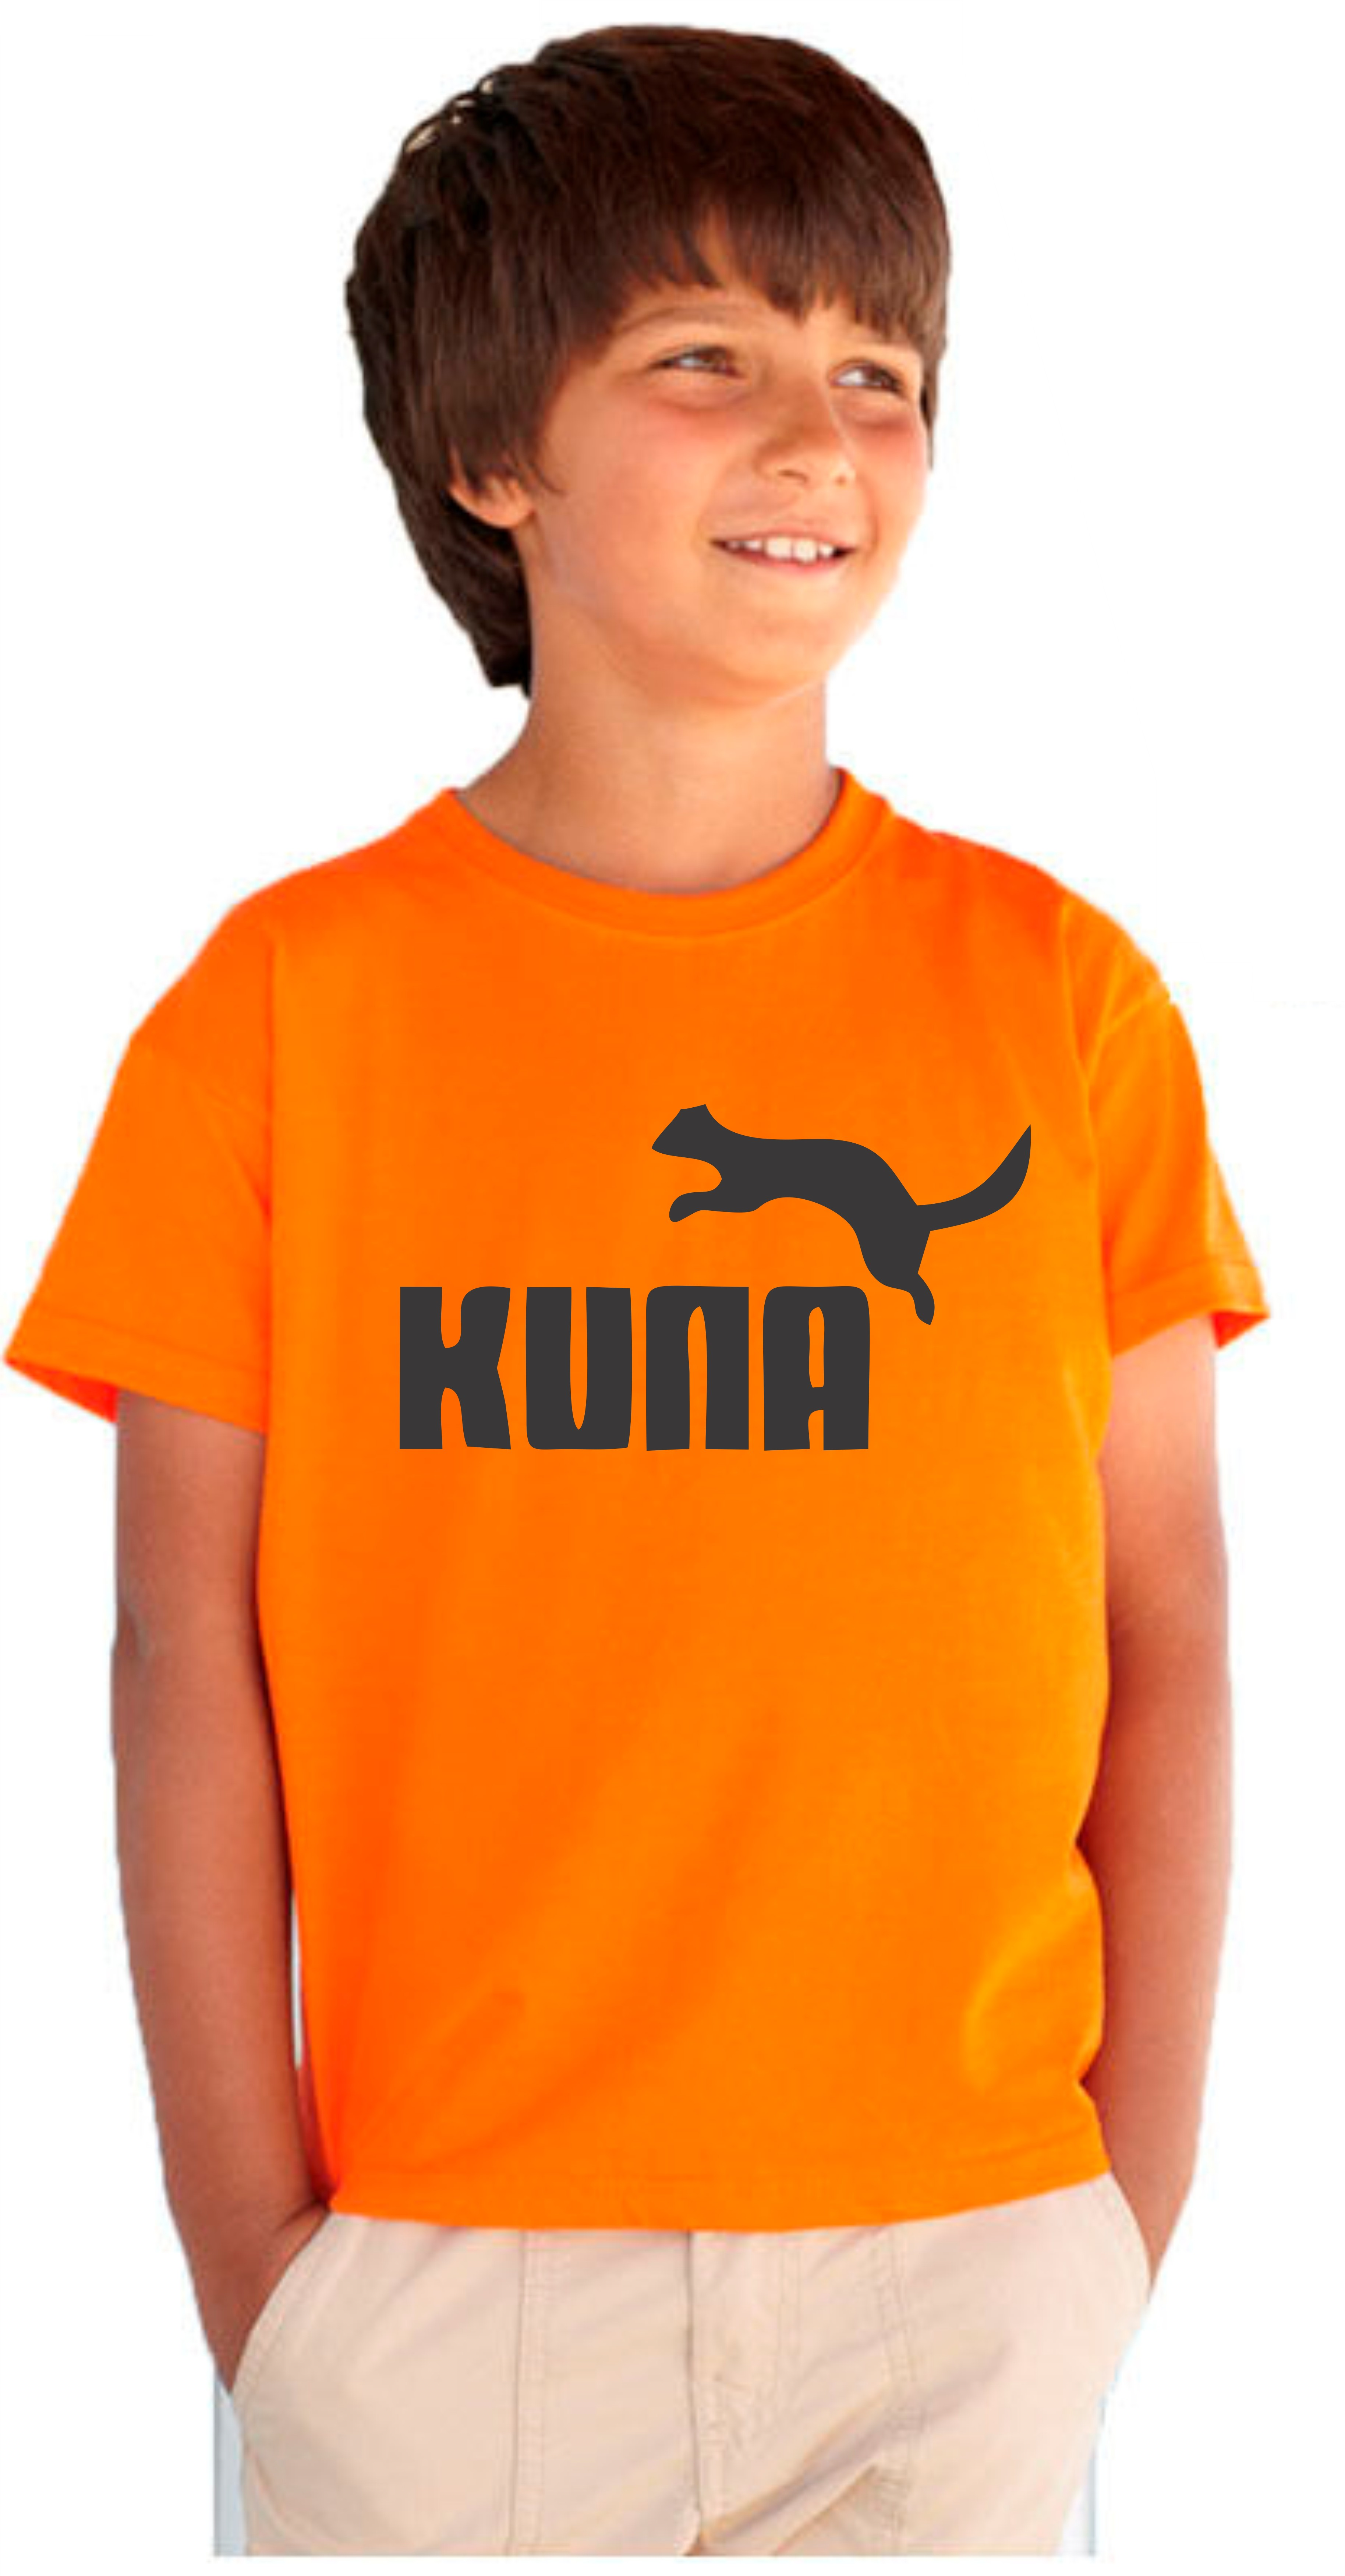 0d4683aaf93 Dětské vtipné tričko s nápisem  KUNA. Originální dárek pro chlapce.